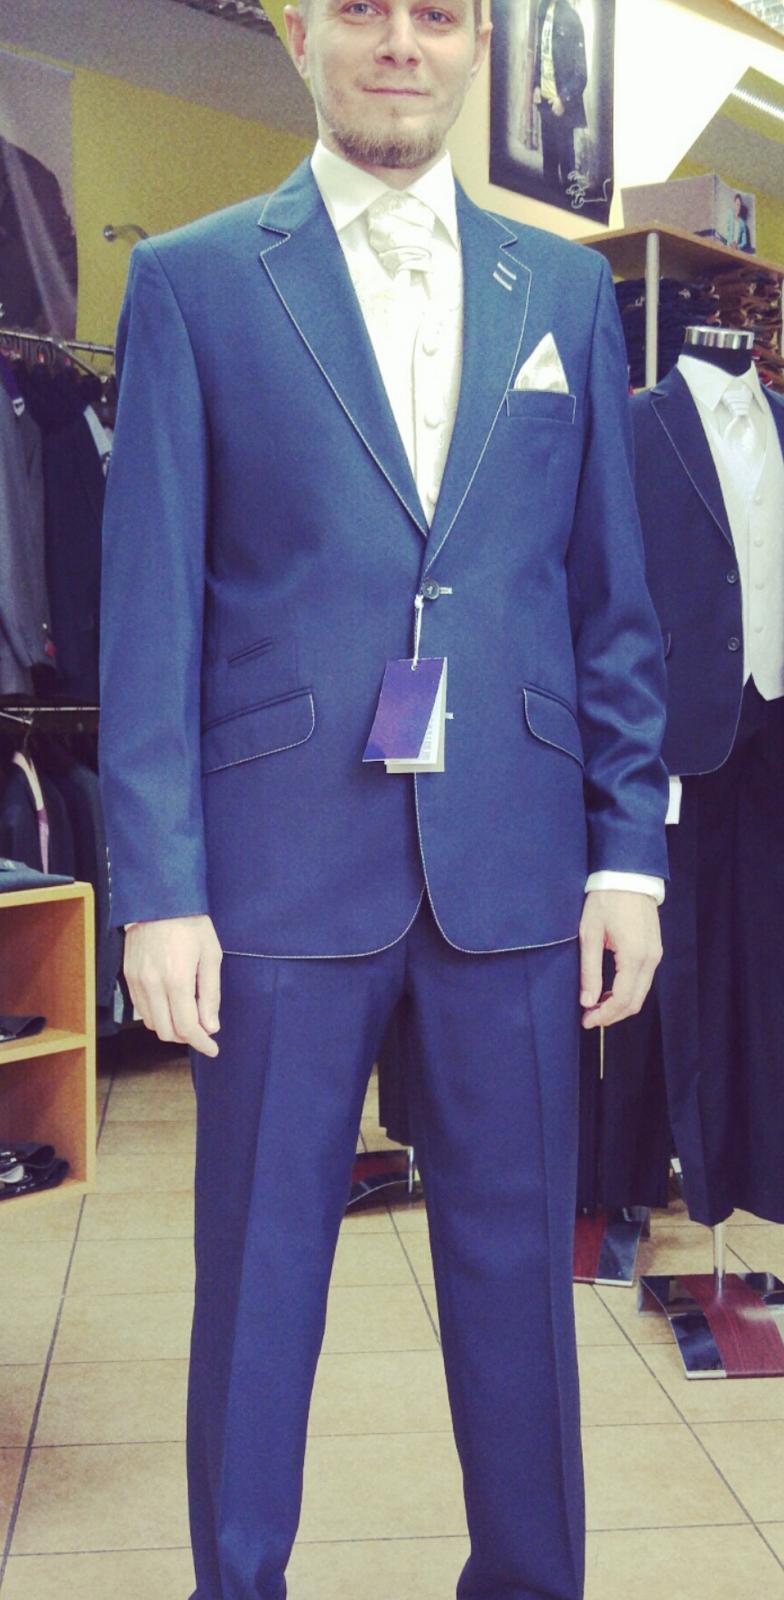 ♥ A je to tu..♥ už sa nám to kráti ♥ začali sa prípravy/ vybavovanie ♥ - Mužííčkov oblek :-) už len botičky a opasok a bude fešaak :P